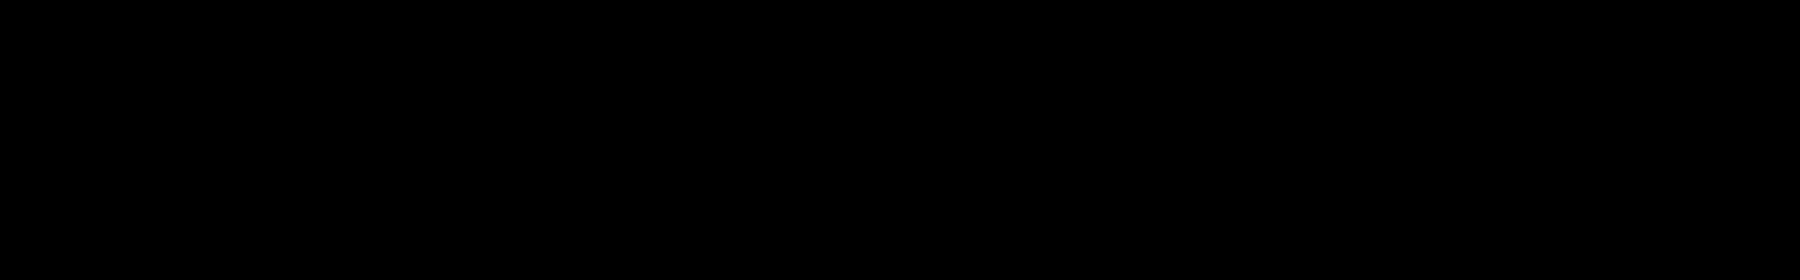 Psytrance Evolution audio waveform